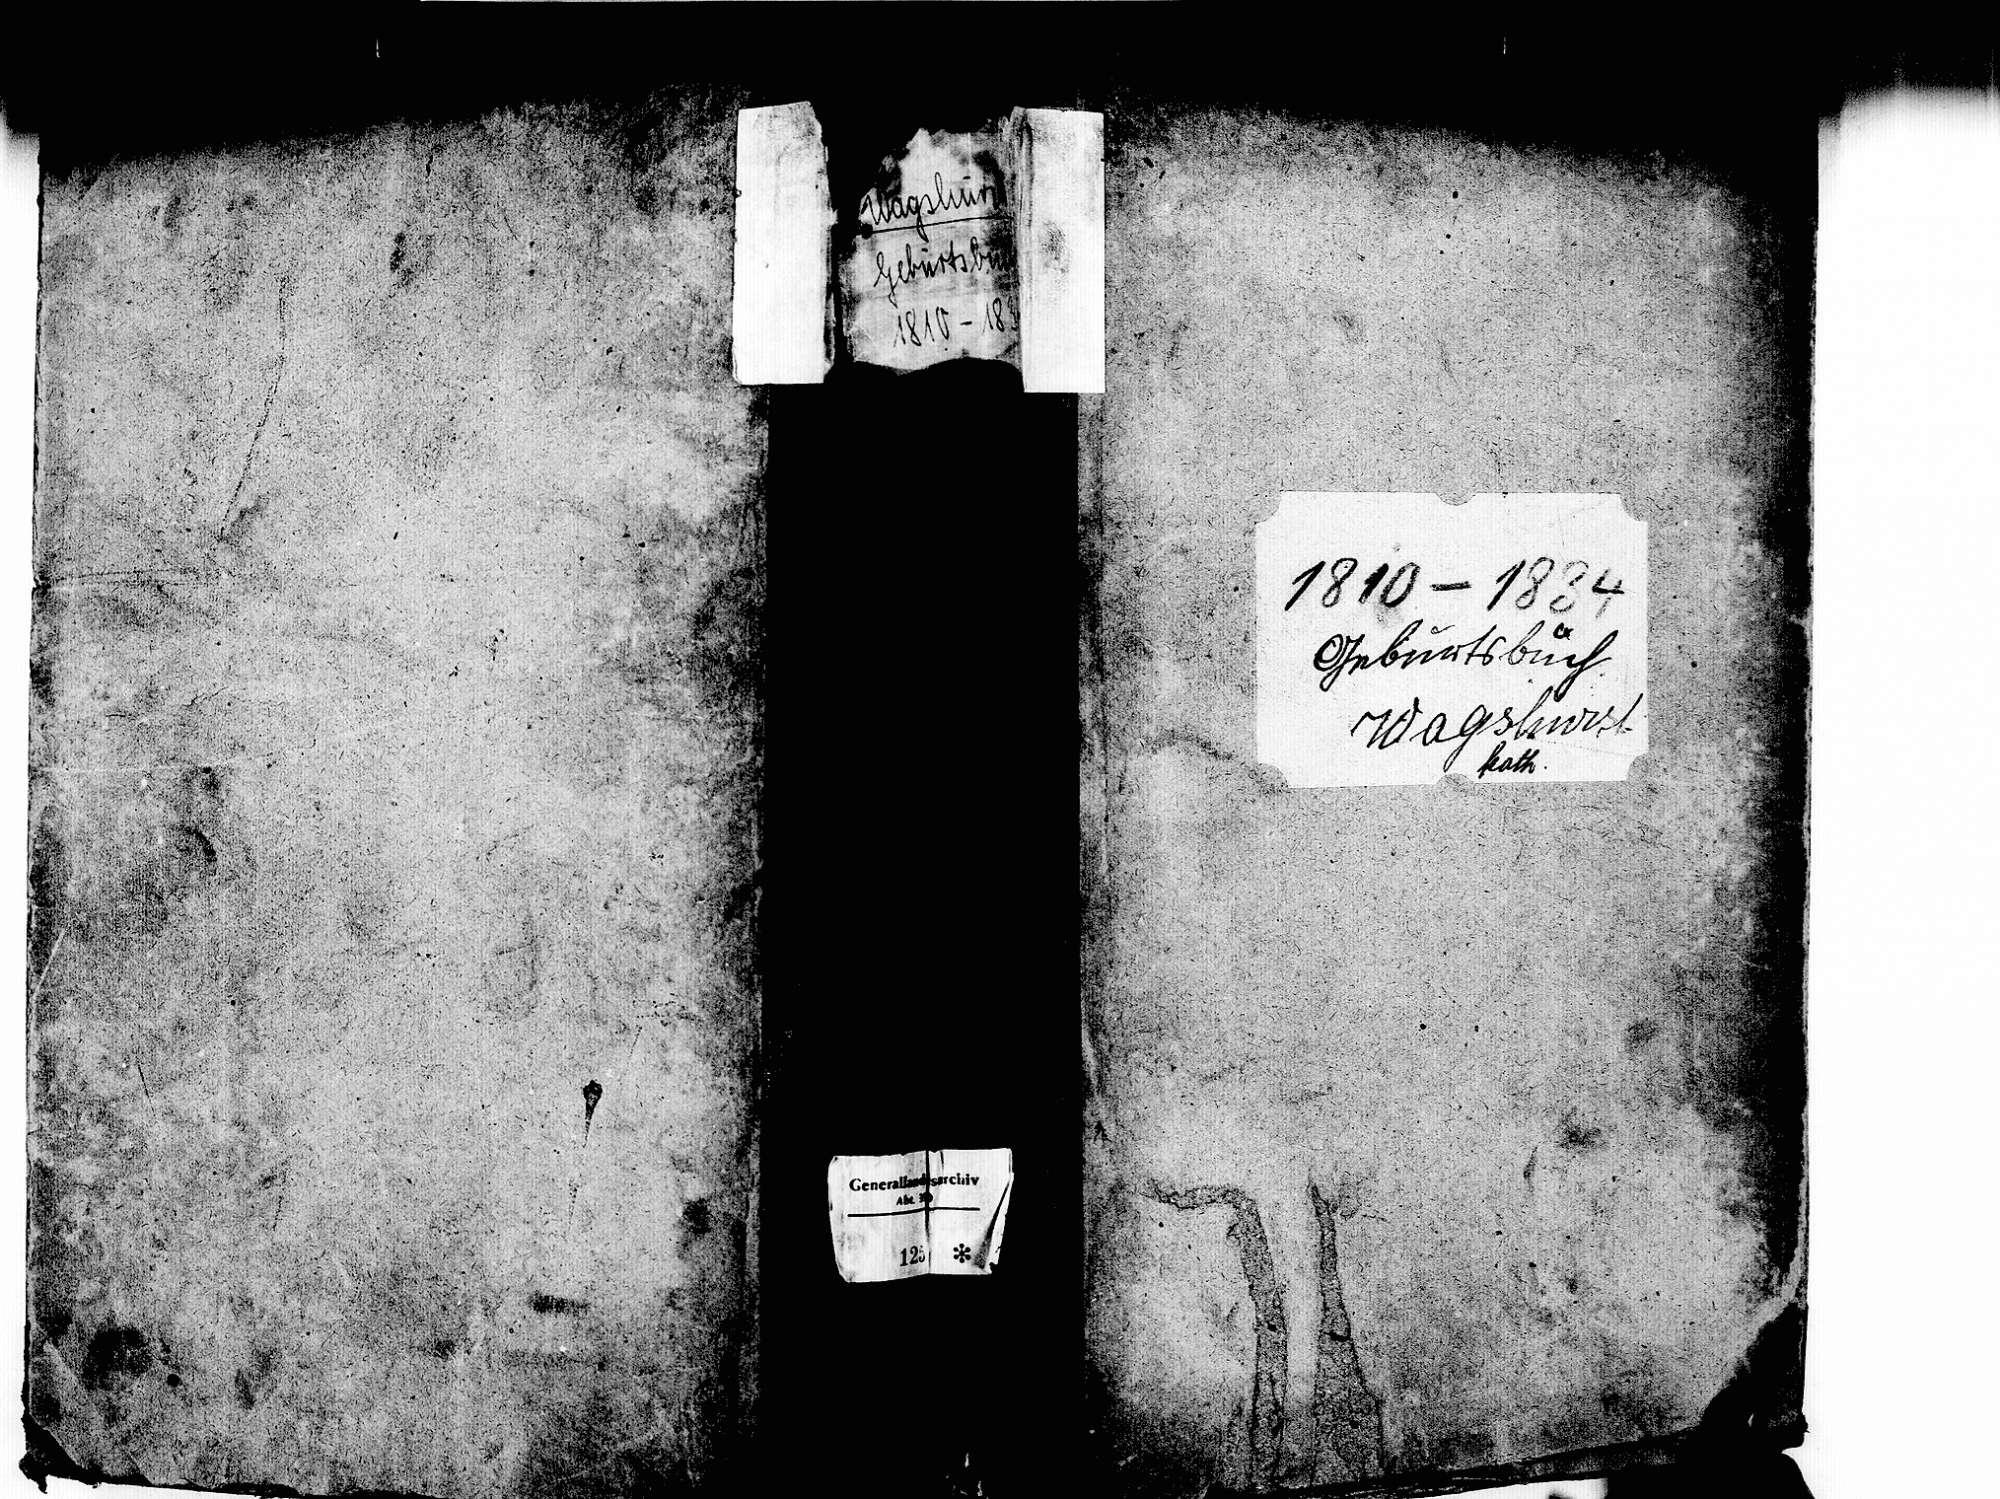 Wagshurst, Achern OG; Katholische Gemeinde: Geburtenbuch 1810-1834, Bild 2